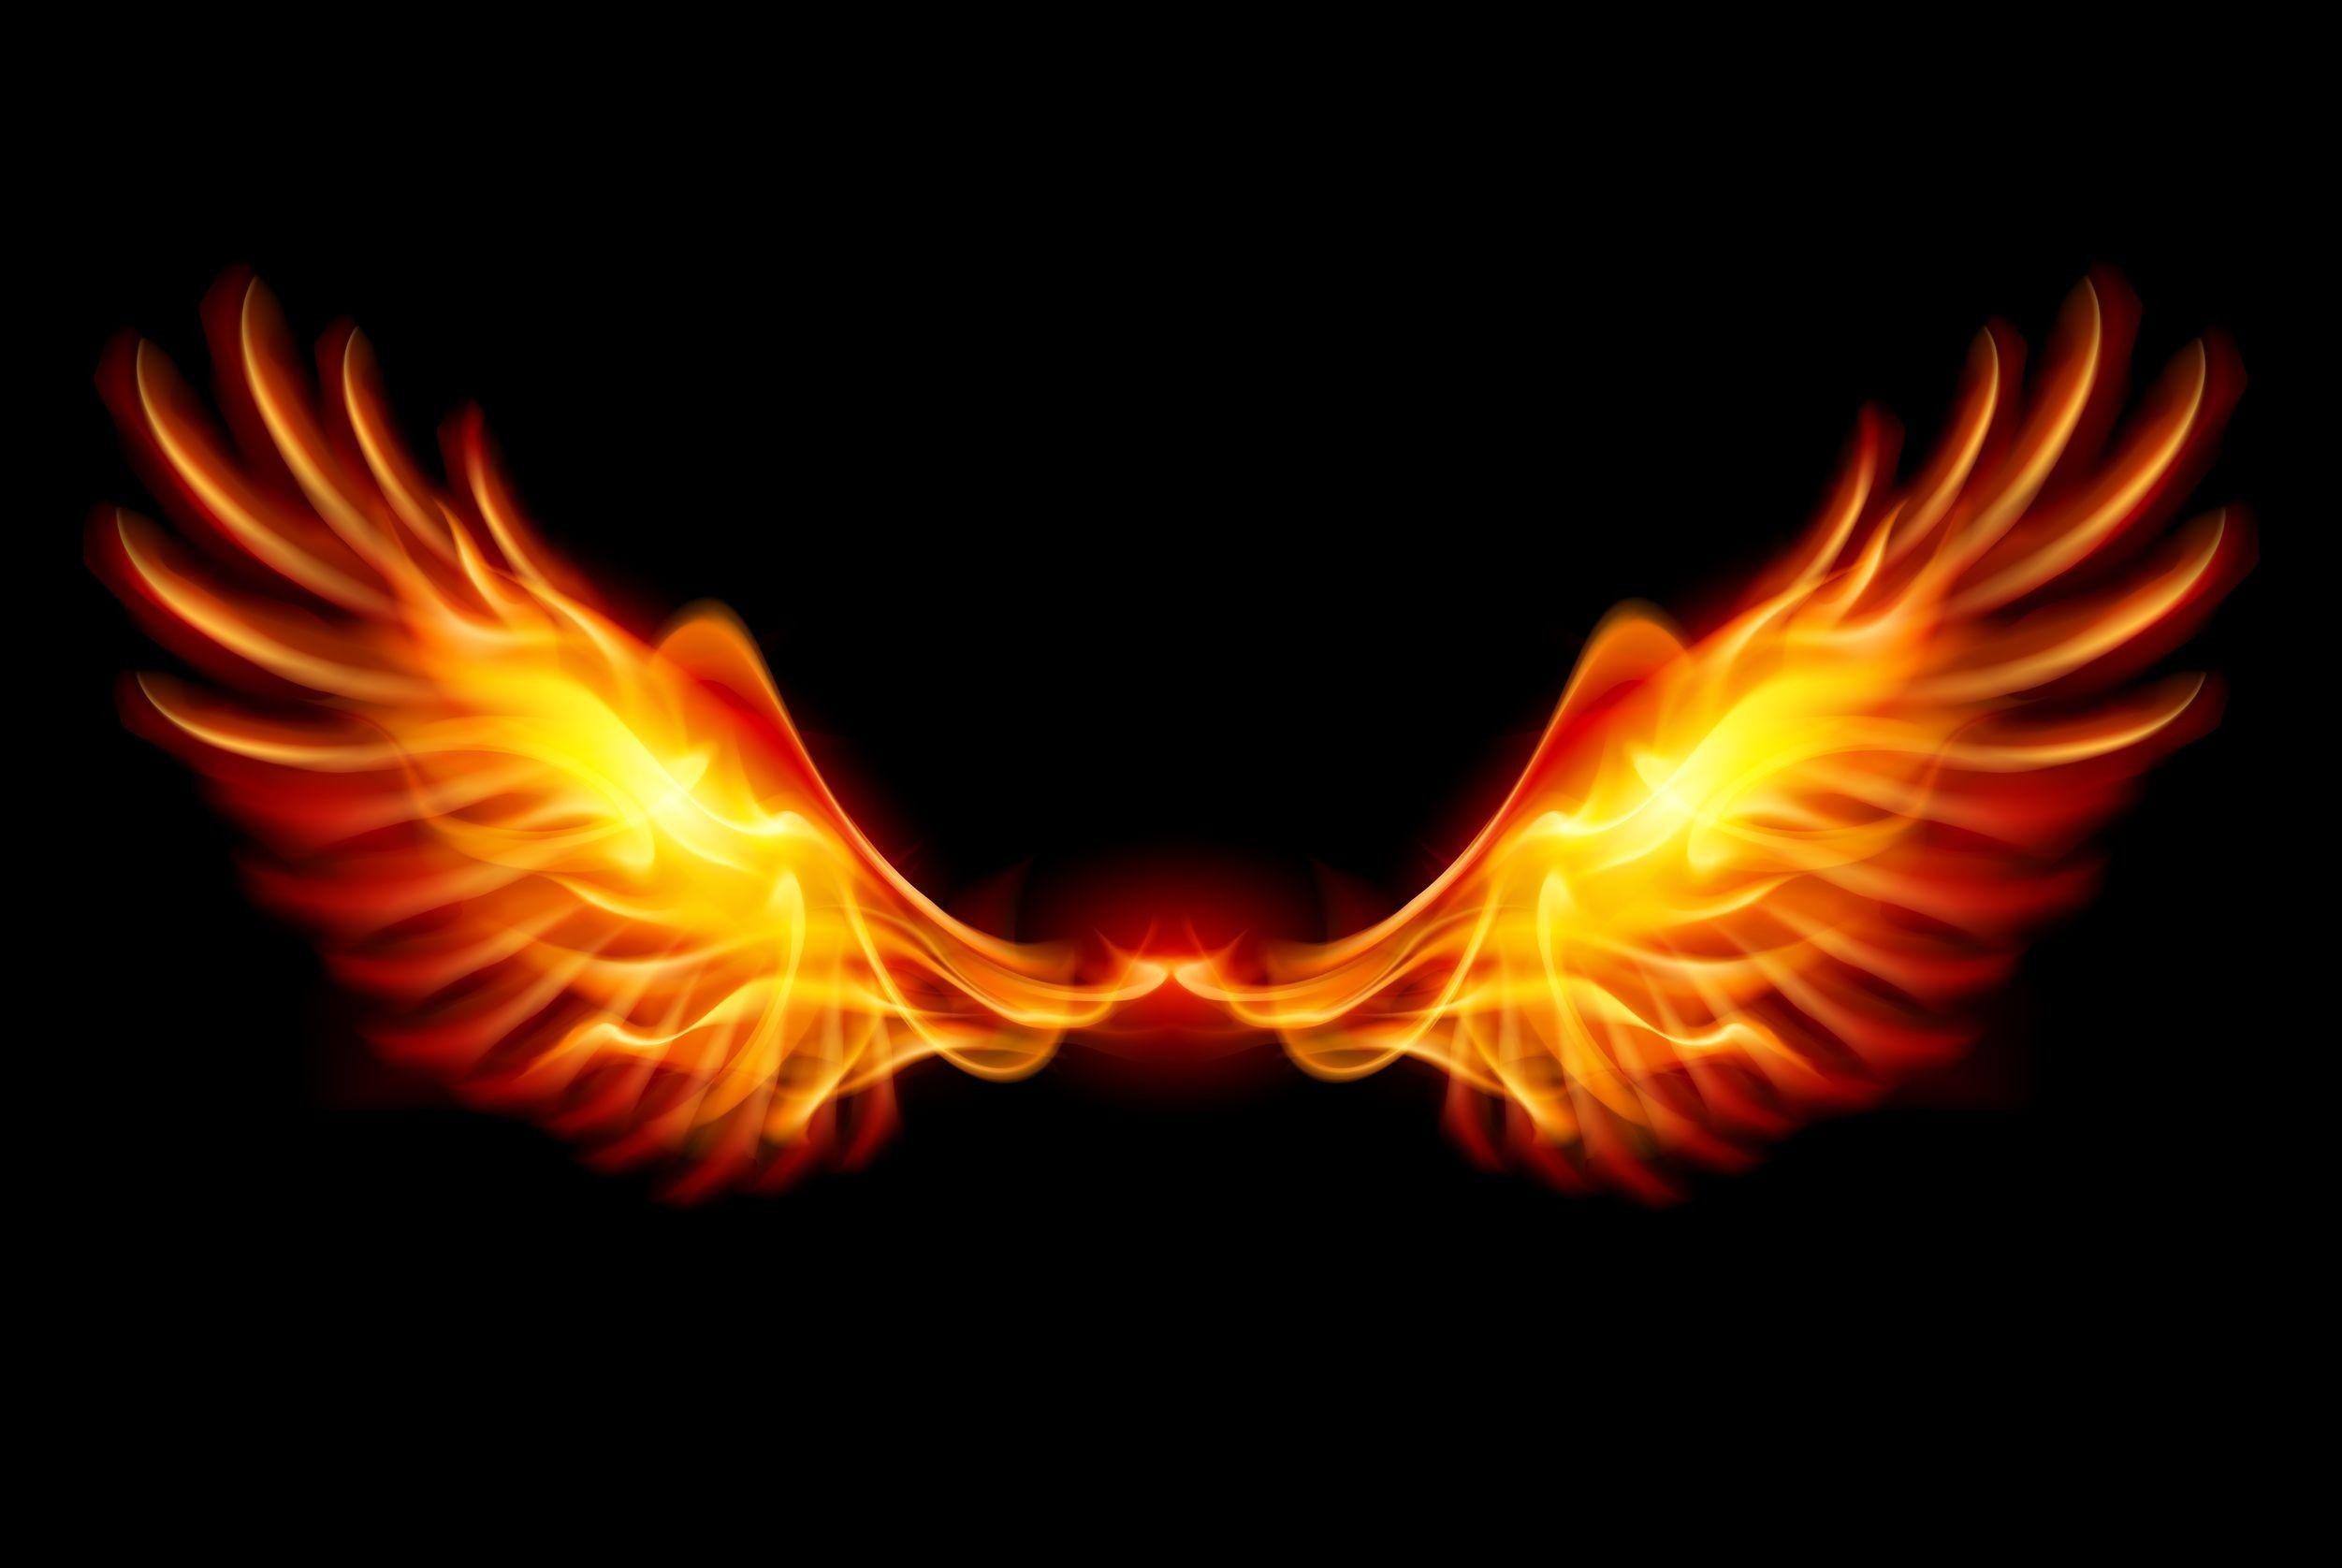 4K Phoenix Desktop images